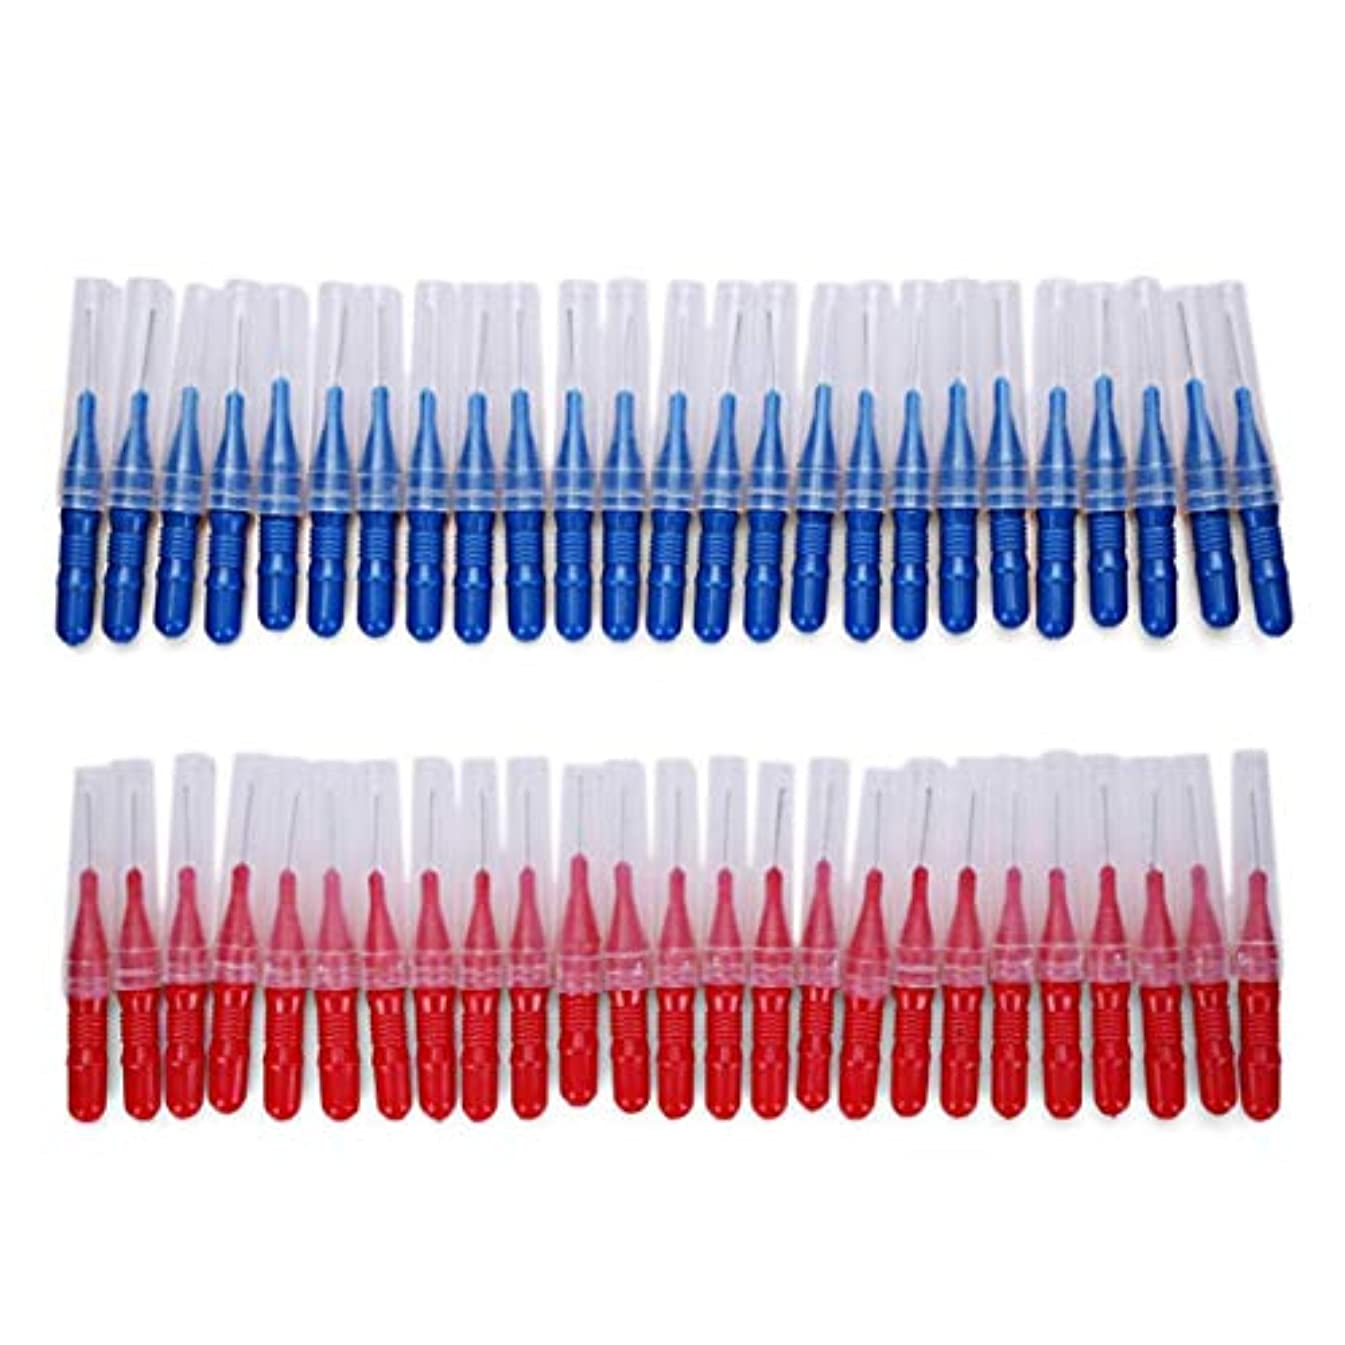 見分ける真実にすべて2.5ミリメートル50ピース/セットブラッシング歯すきま歯ブラシクリーニングツール歯のケア歯科用歯間ブラシ - 赤と青